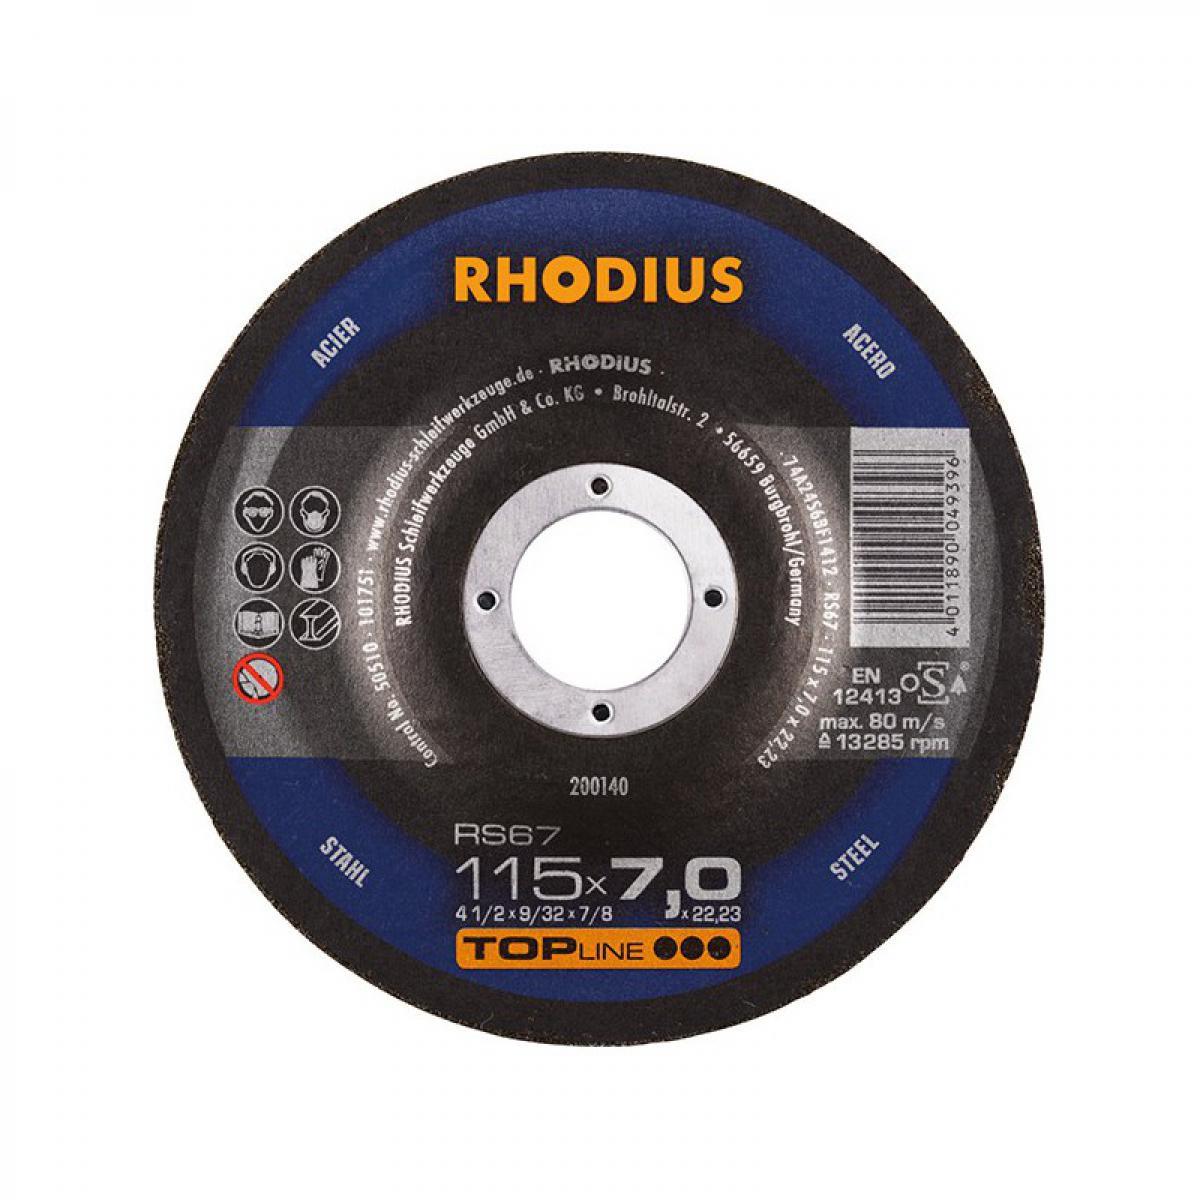 Rhodius Disque de coupe RS67 115 x 7,0mm Acier Rhodius(Par 25)